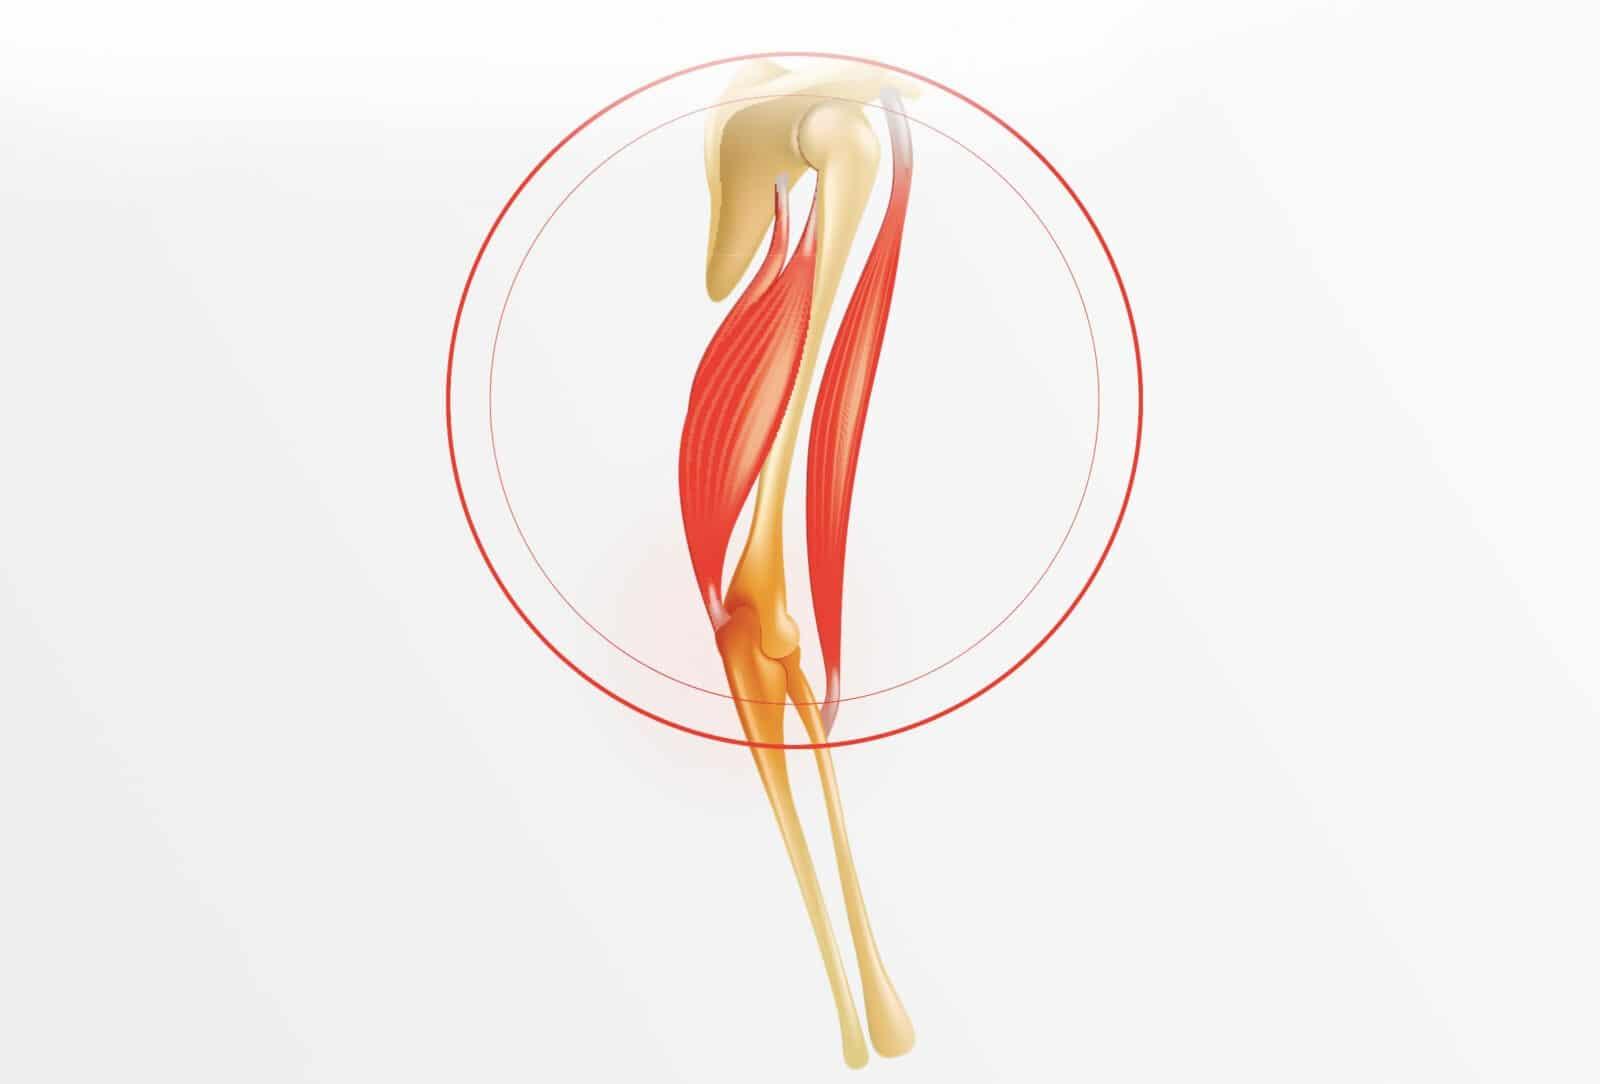 Rupture distale du biceps : causes et traitement à Paris - Dr Paillard, chirurgien orthopédique